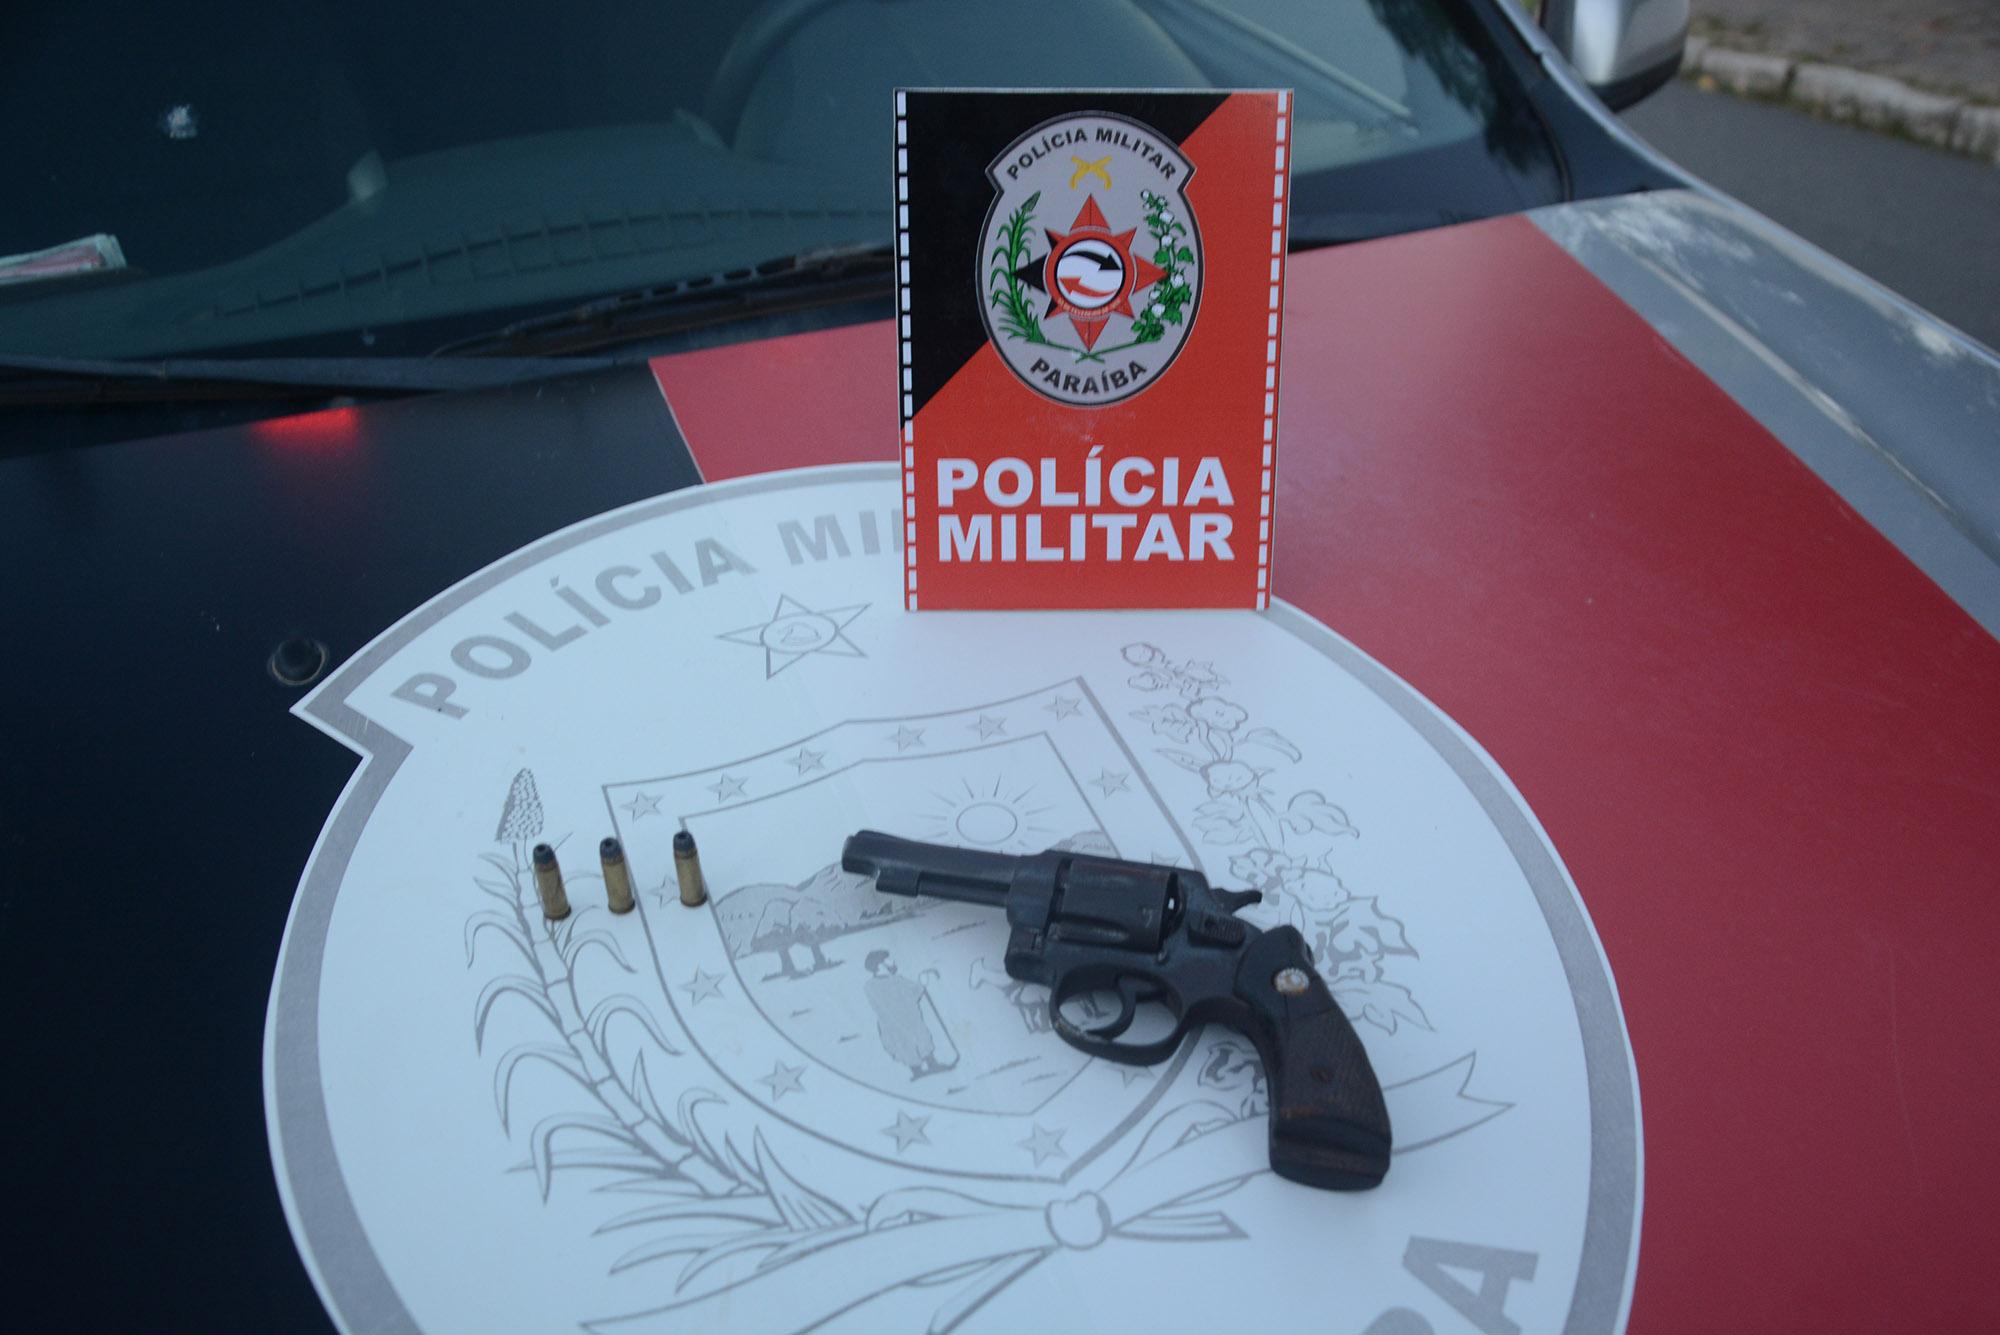 duplajardimveneza - Polícia apreende cinco armas de fogo e prende três pessoas em operação